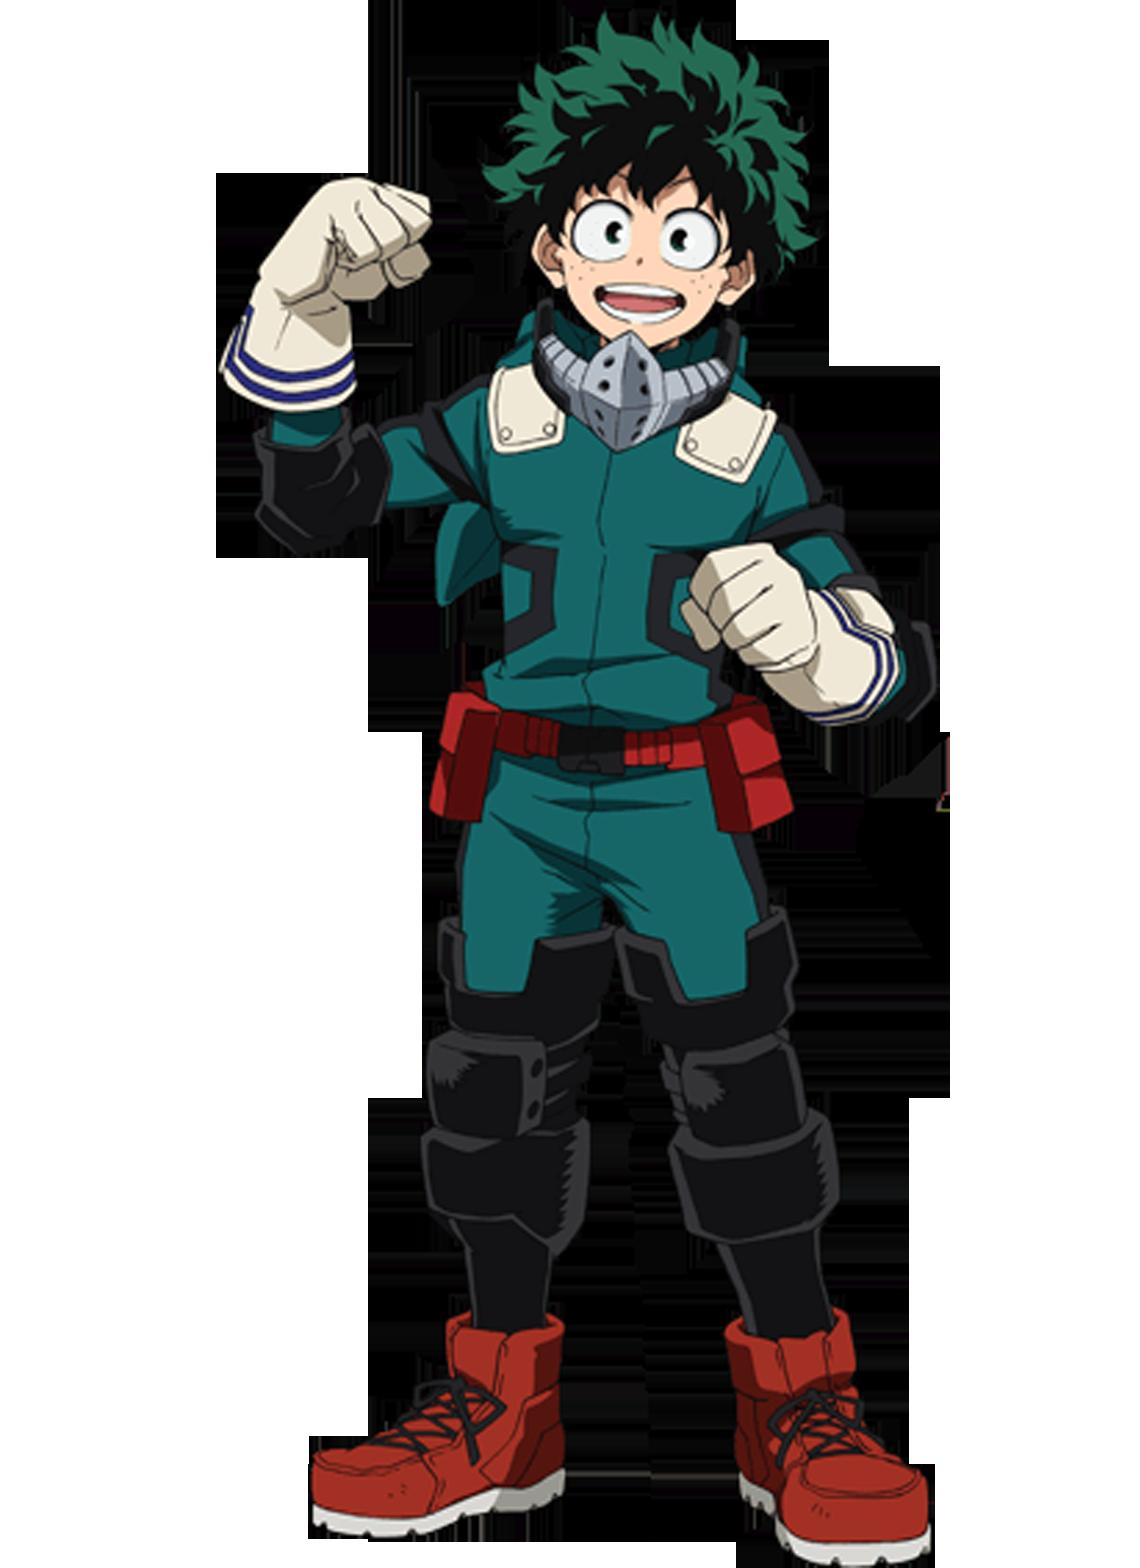 Izuku Midoryia Deku 2 Izuku Midoriya Personagens De Anime Bonecos De Anime